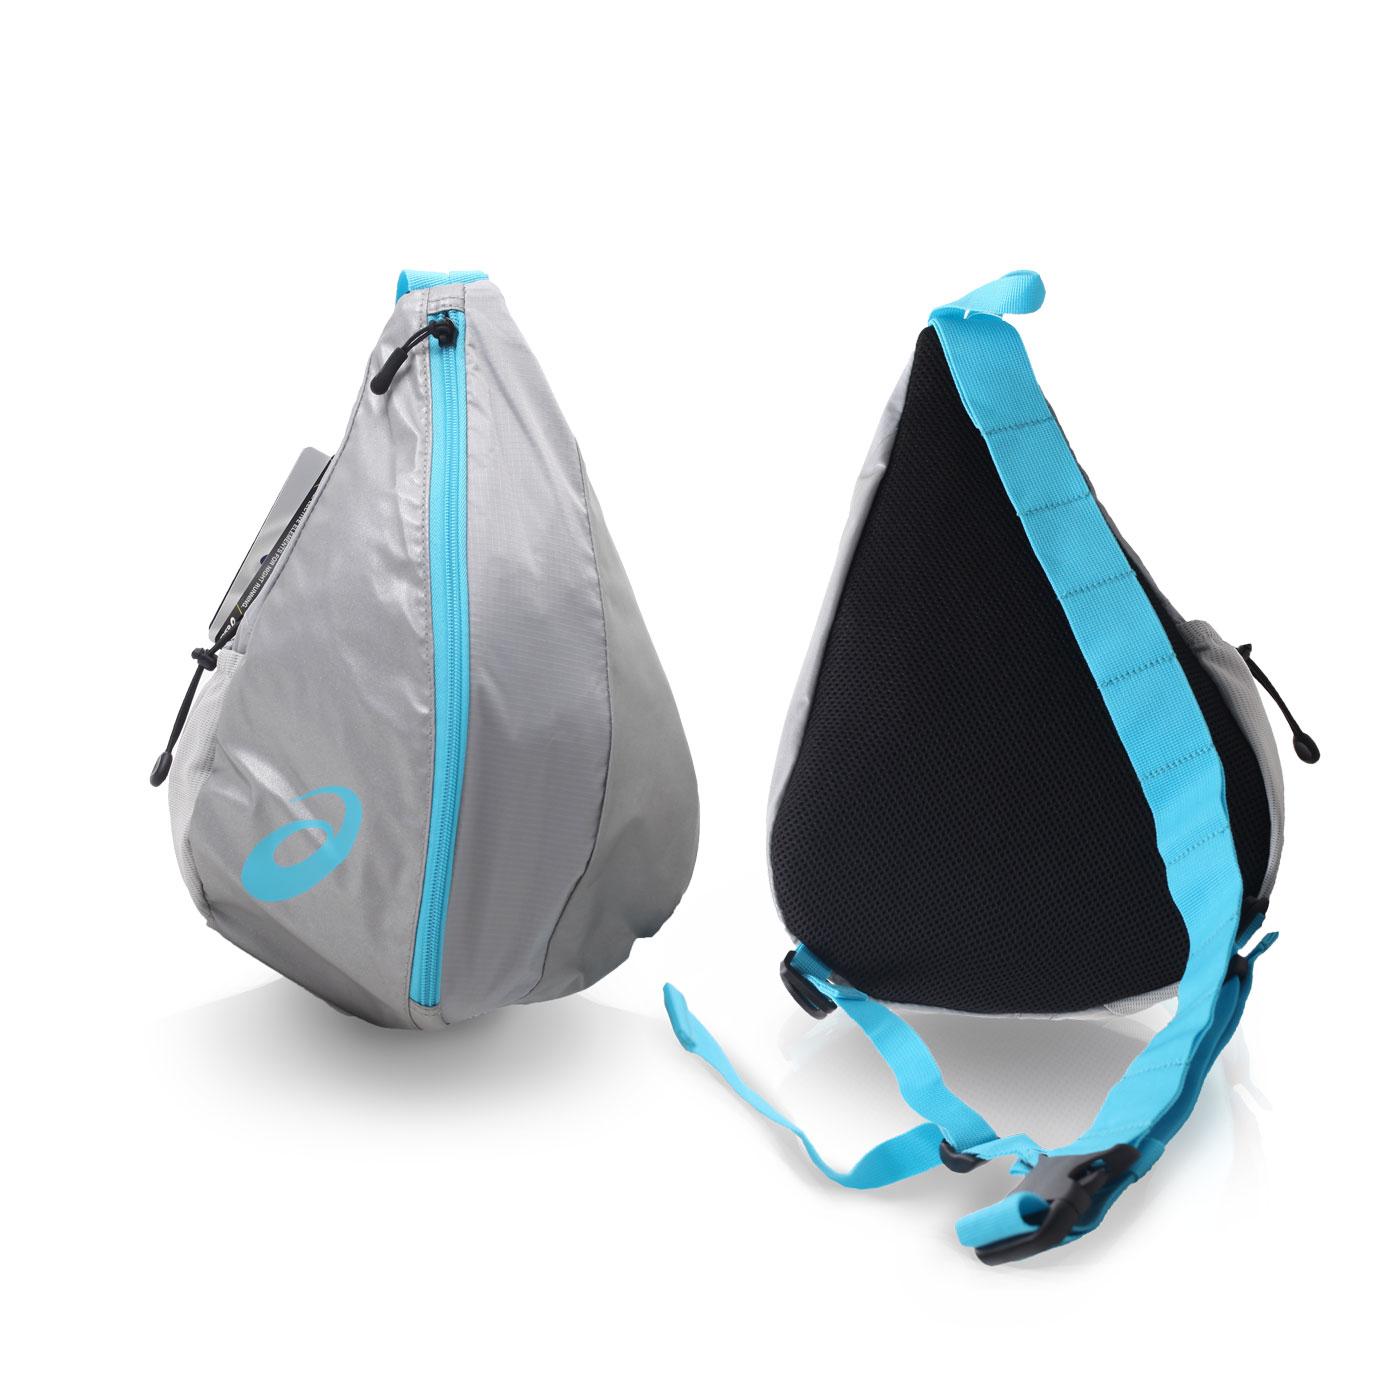 ASICS LITE-SHOW大肩背包 EBM505-1041 - 銀水藍